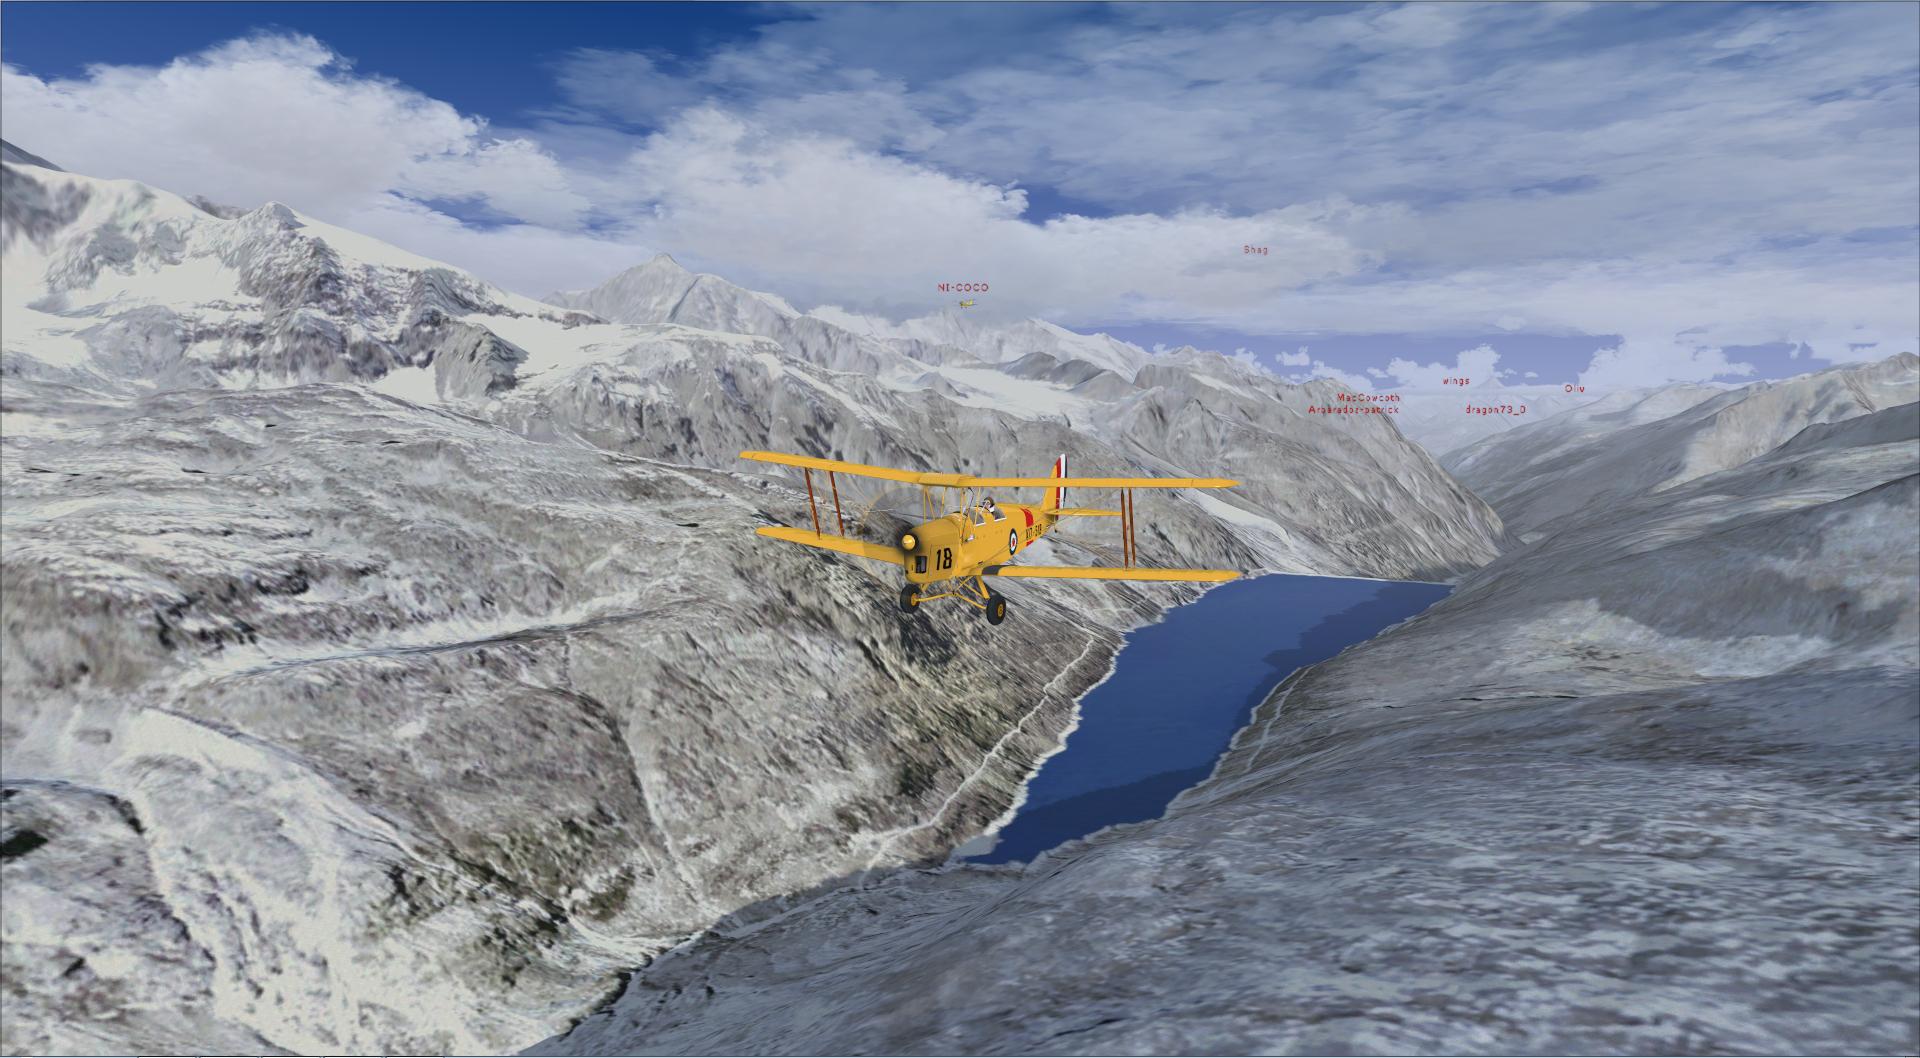 Compte rendu aéroclub. Le passage des alpes 11492220149711278876